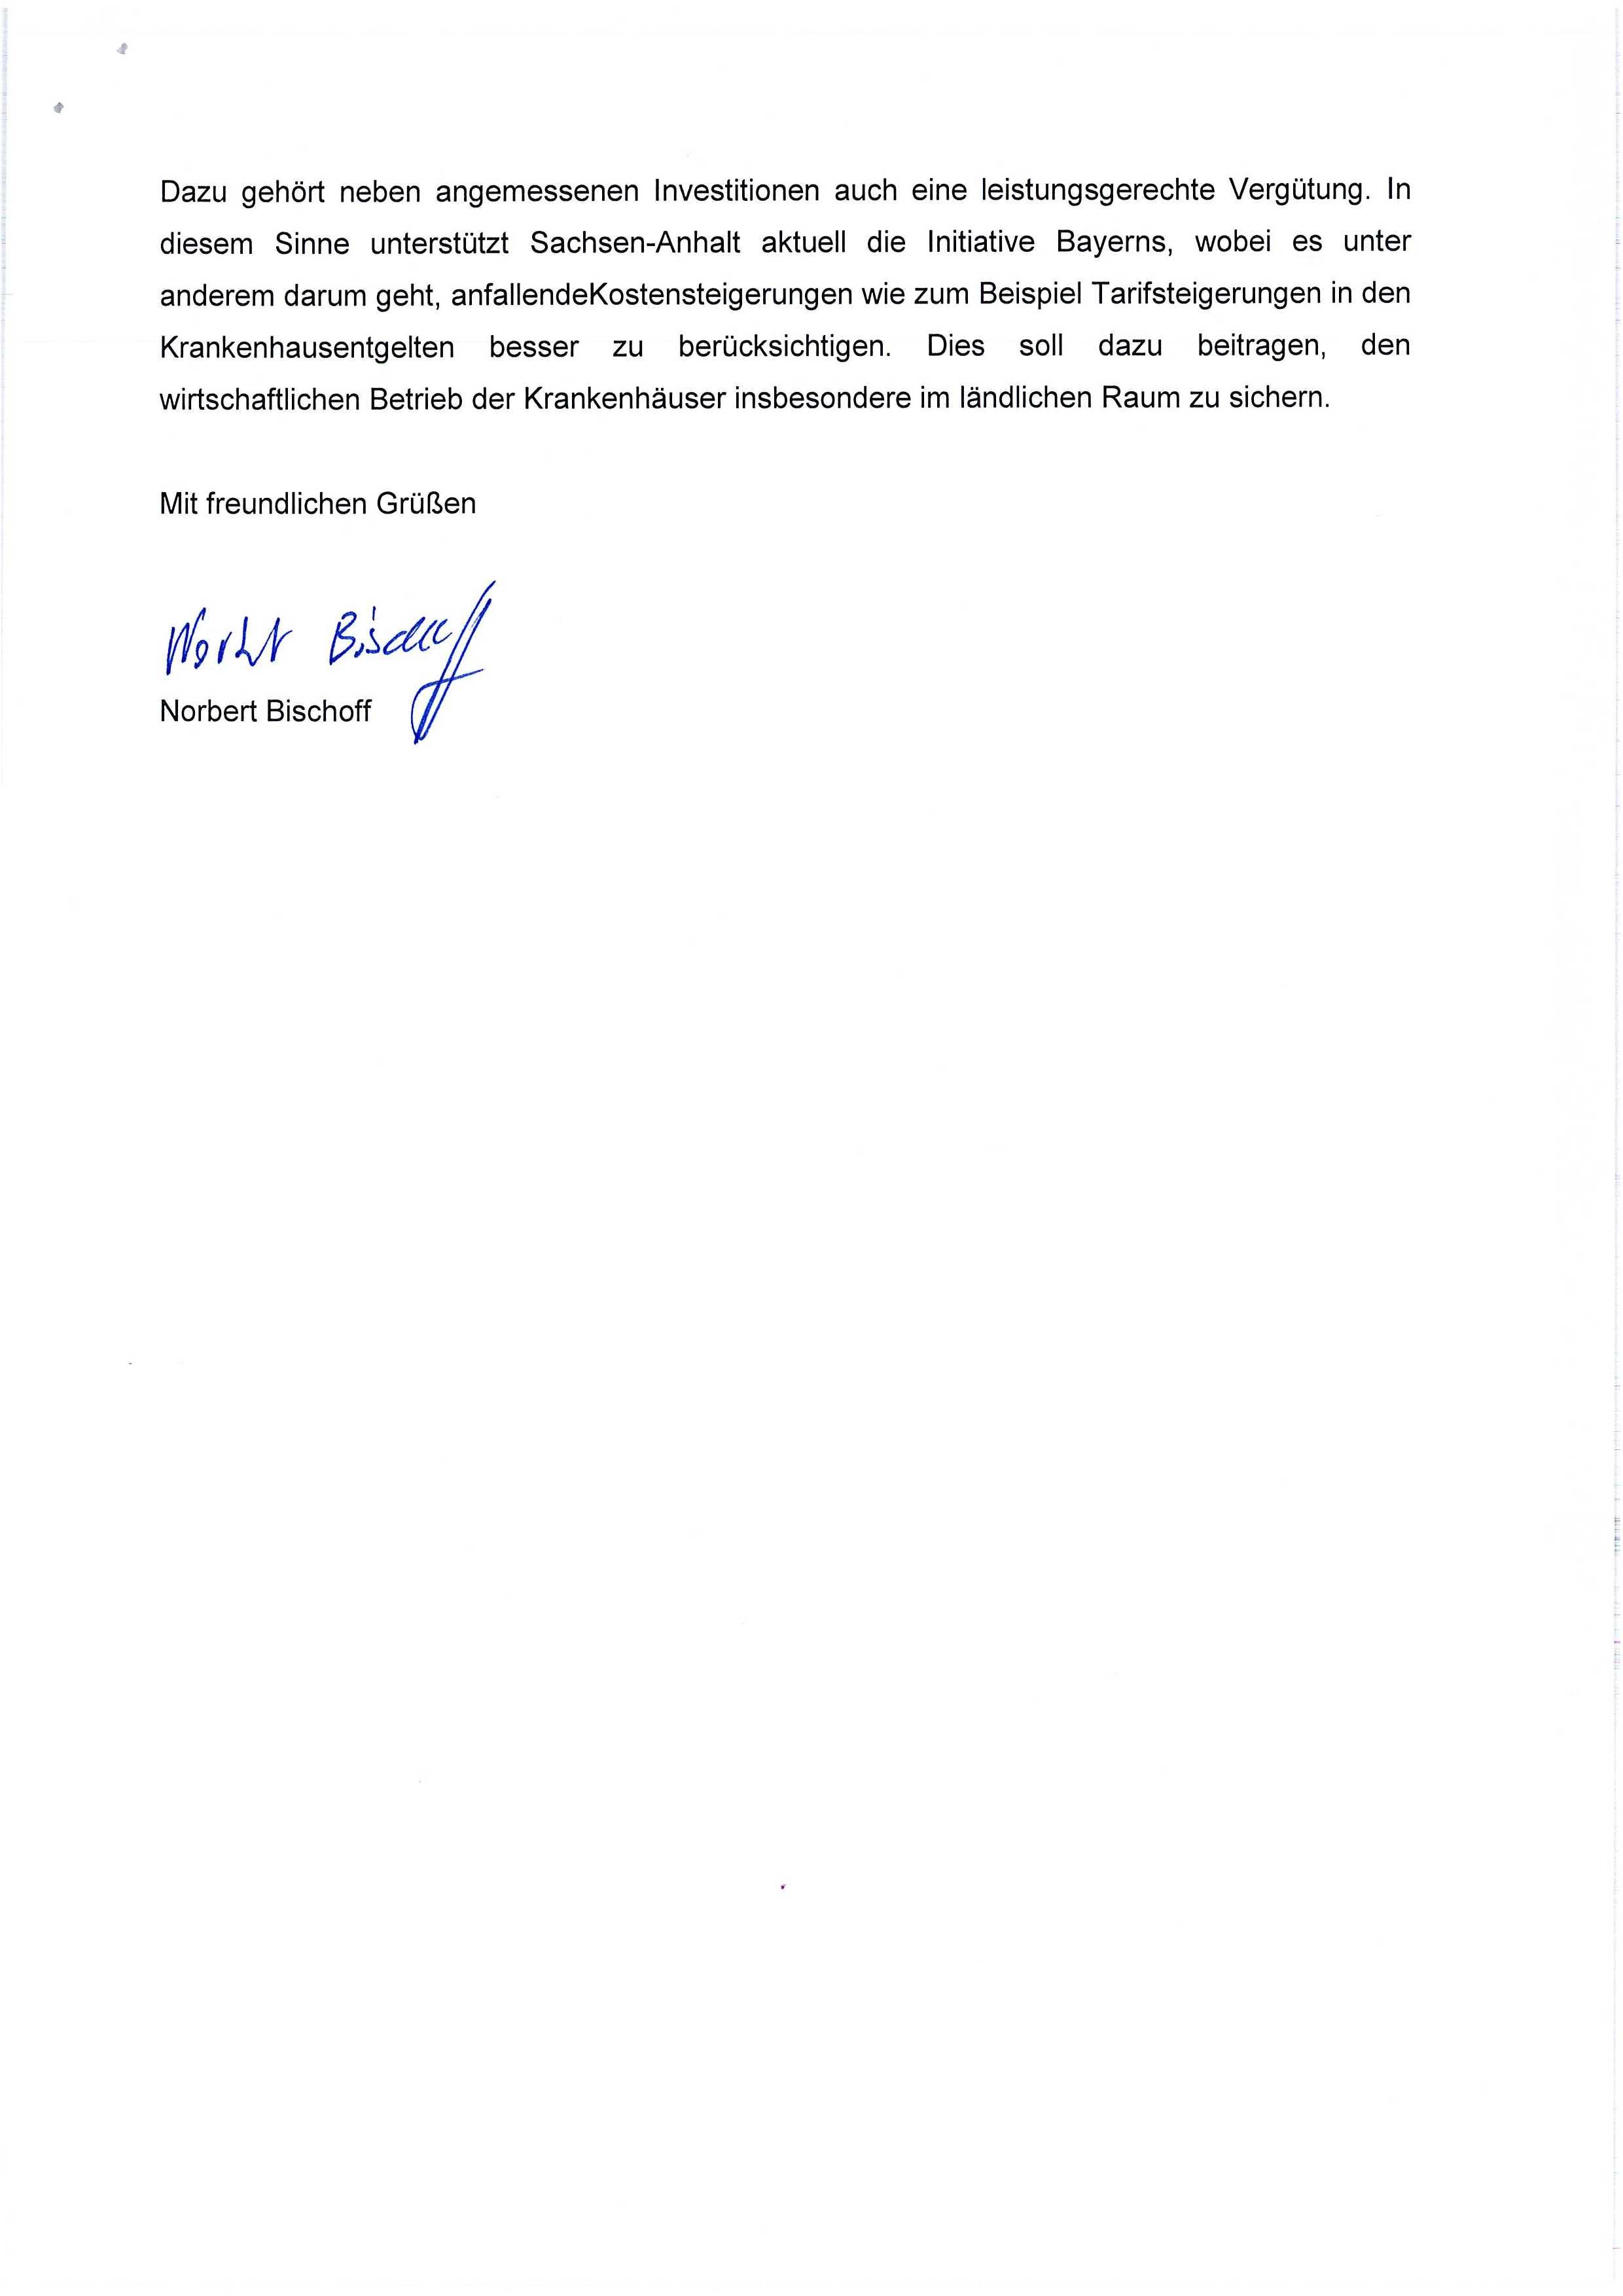 Ministerbrief Antwort Bischoff Investitinsstau 102012_2.jpg